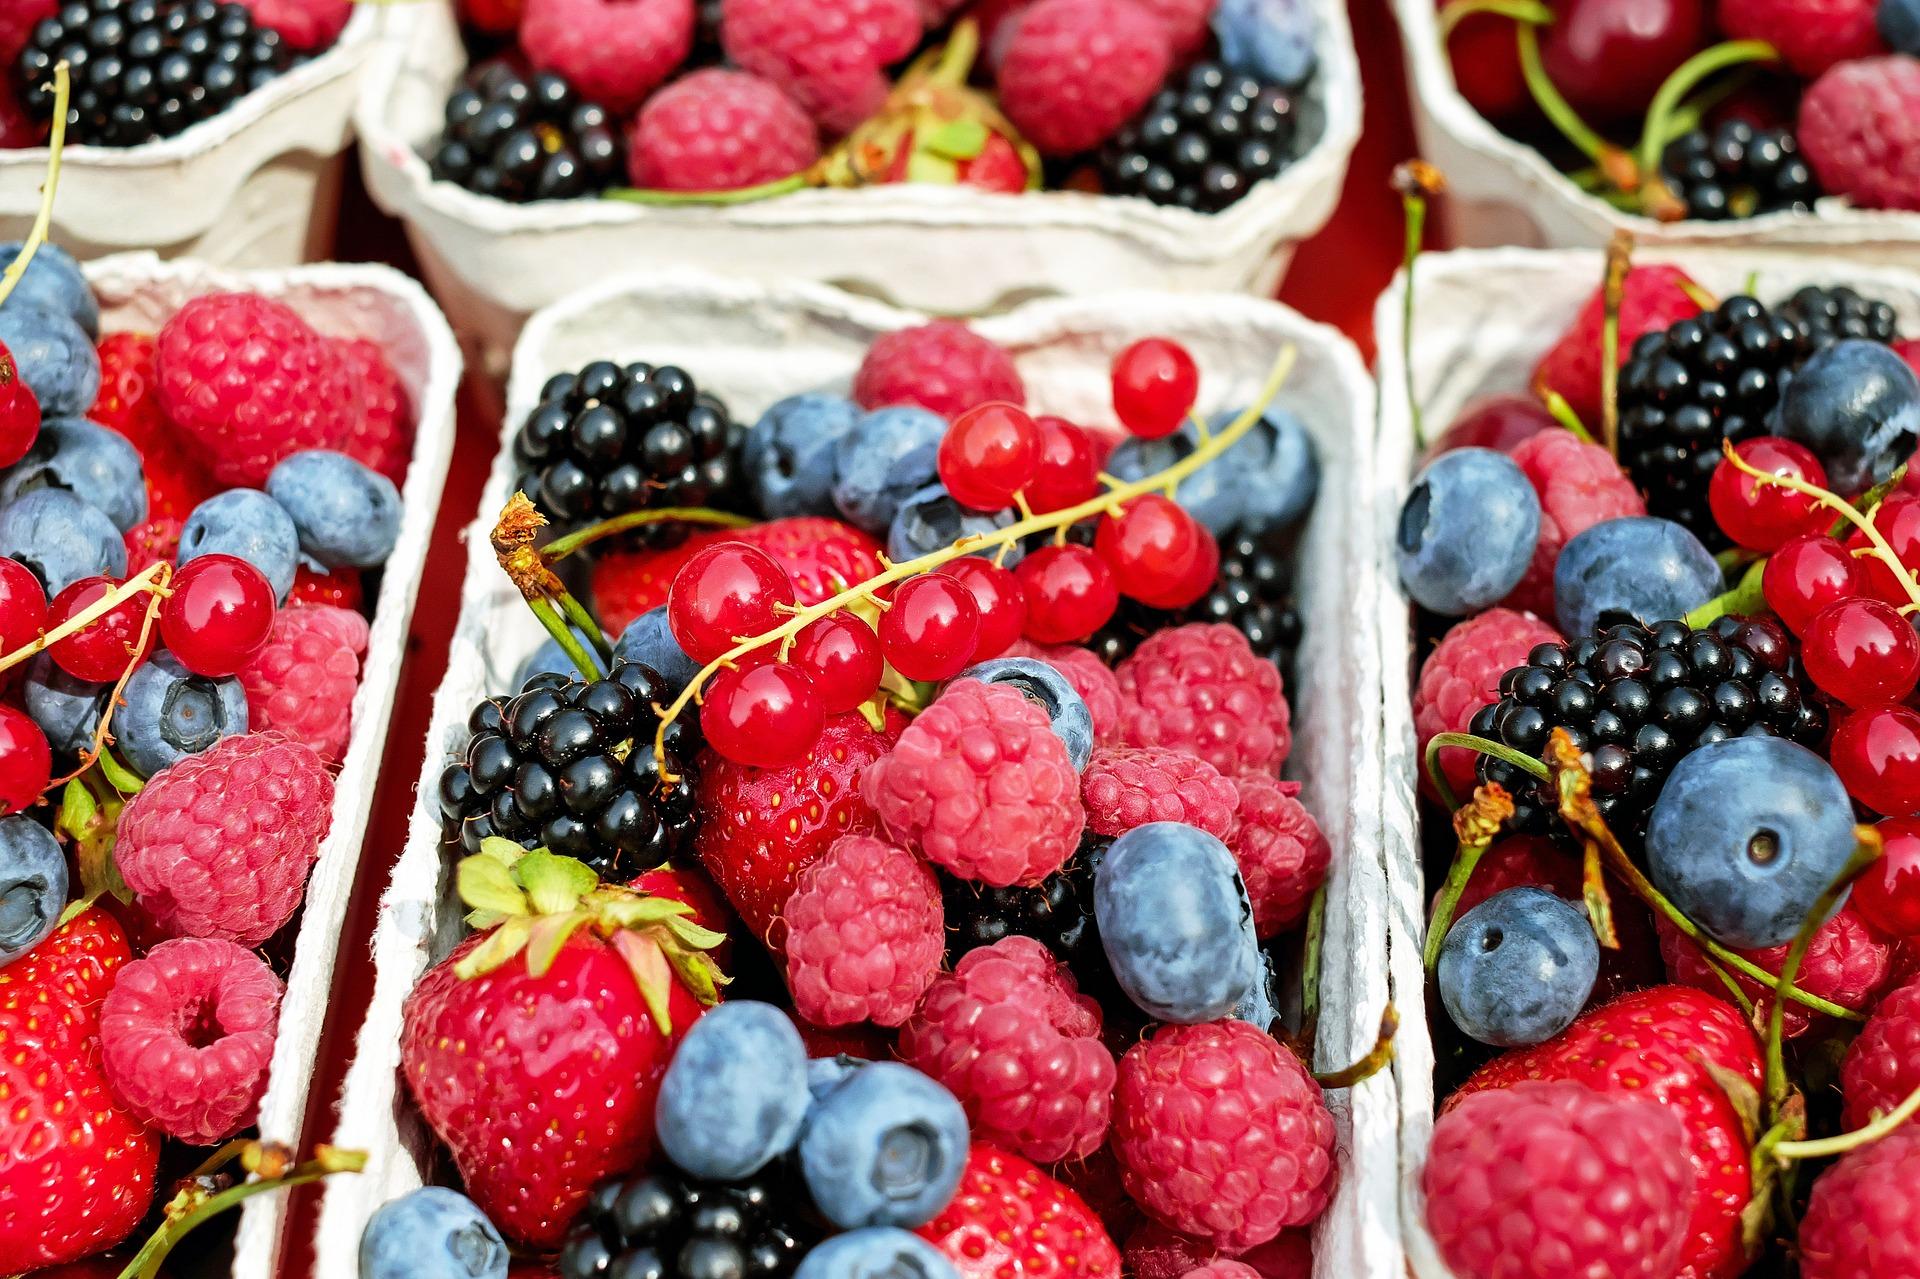 Bobičasto voće svih boja, maline, jagode,borovnice